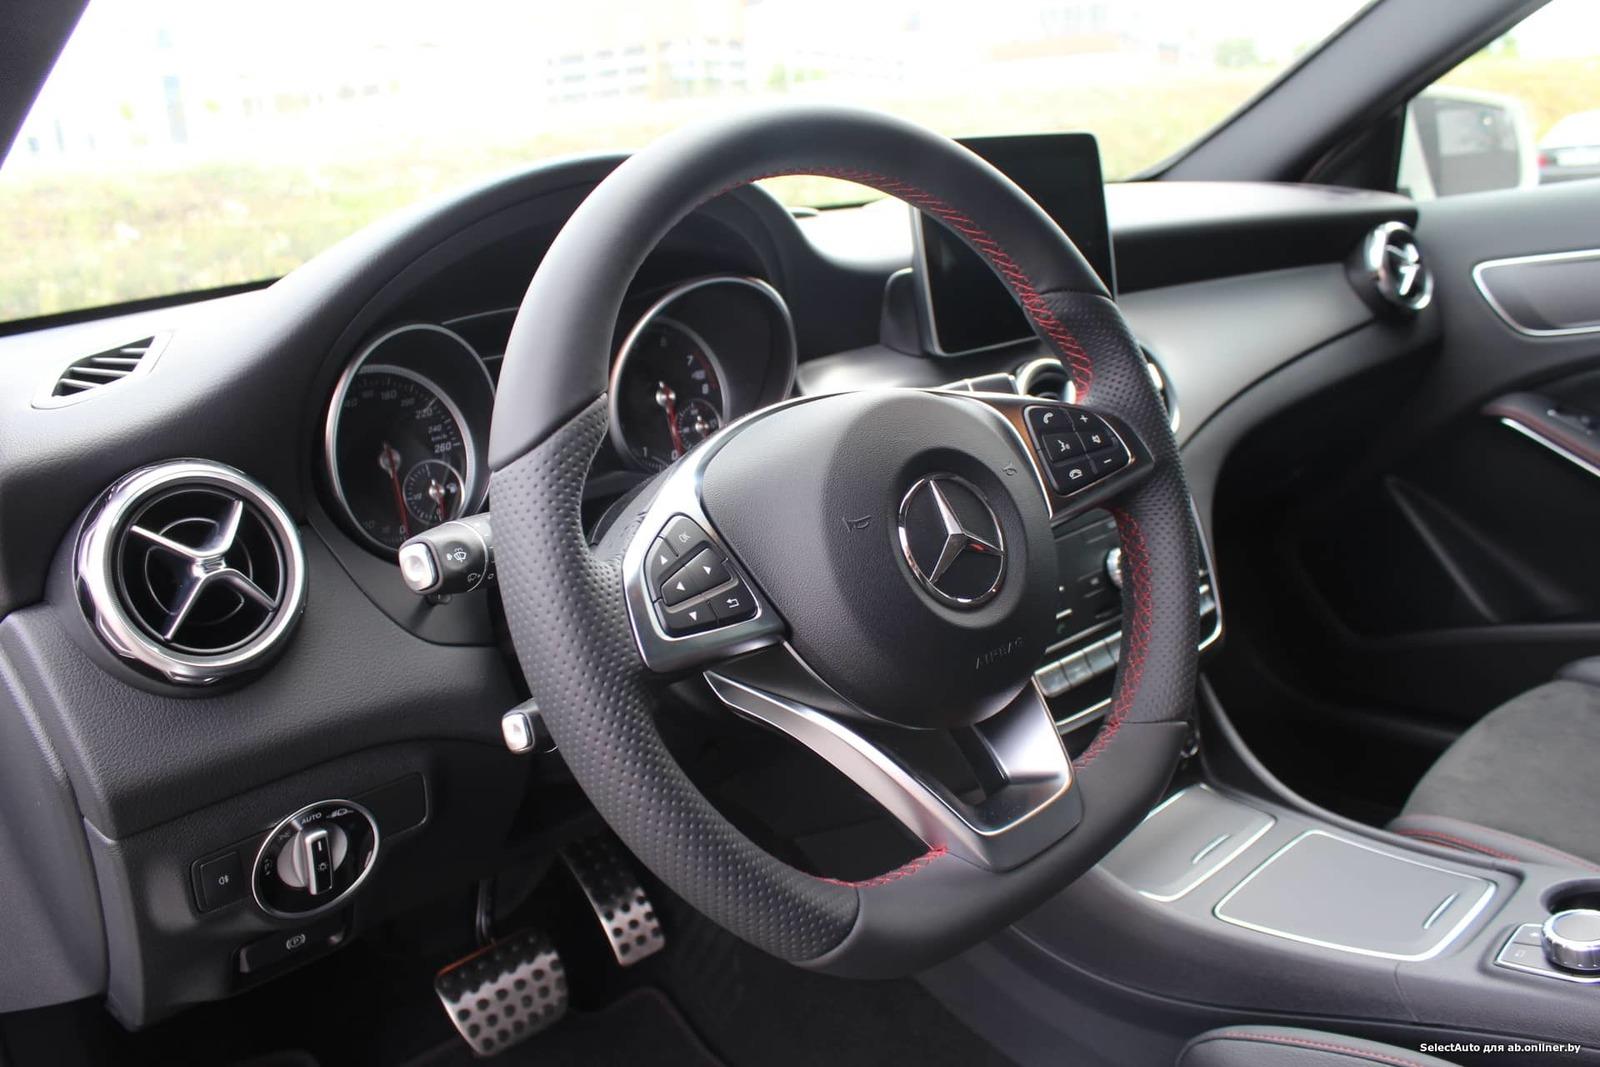 Mercedes-Benz GLA250 4Matic